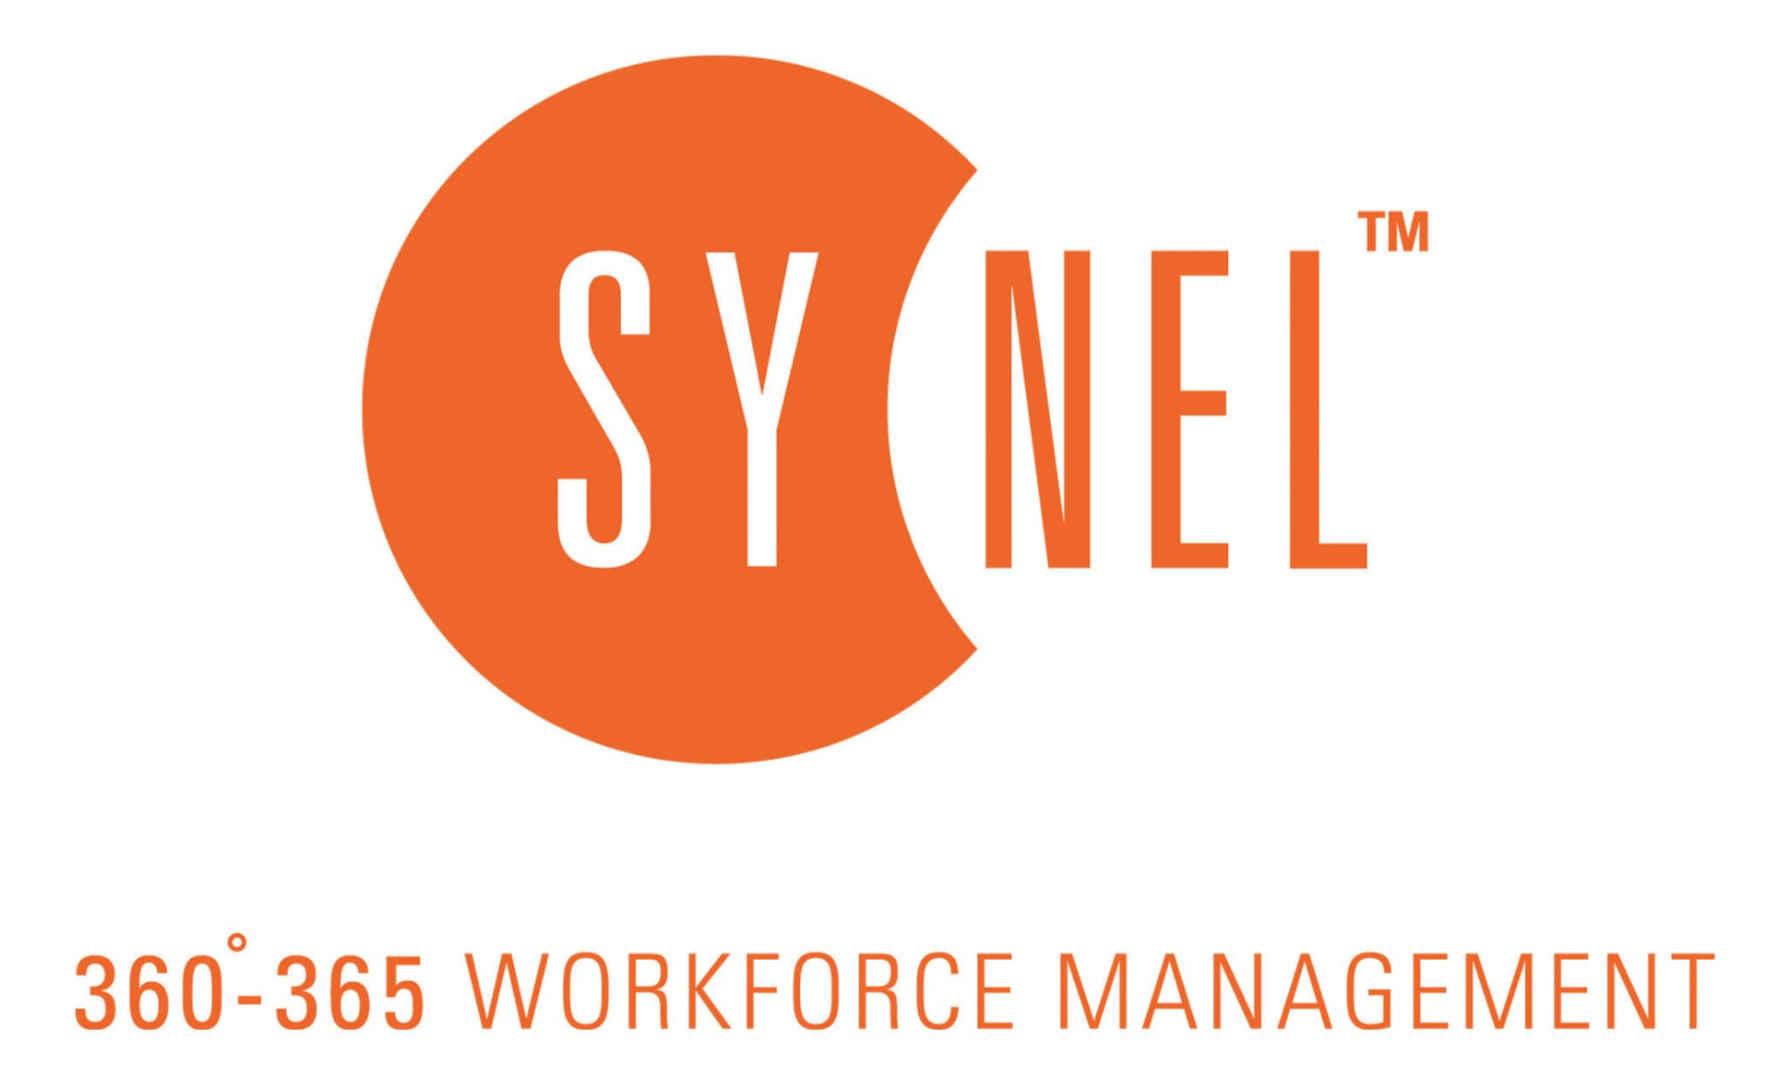 Synel_Logo_edited.jpg